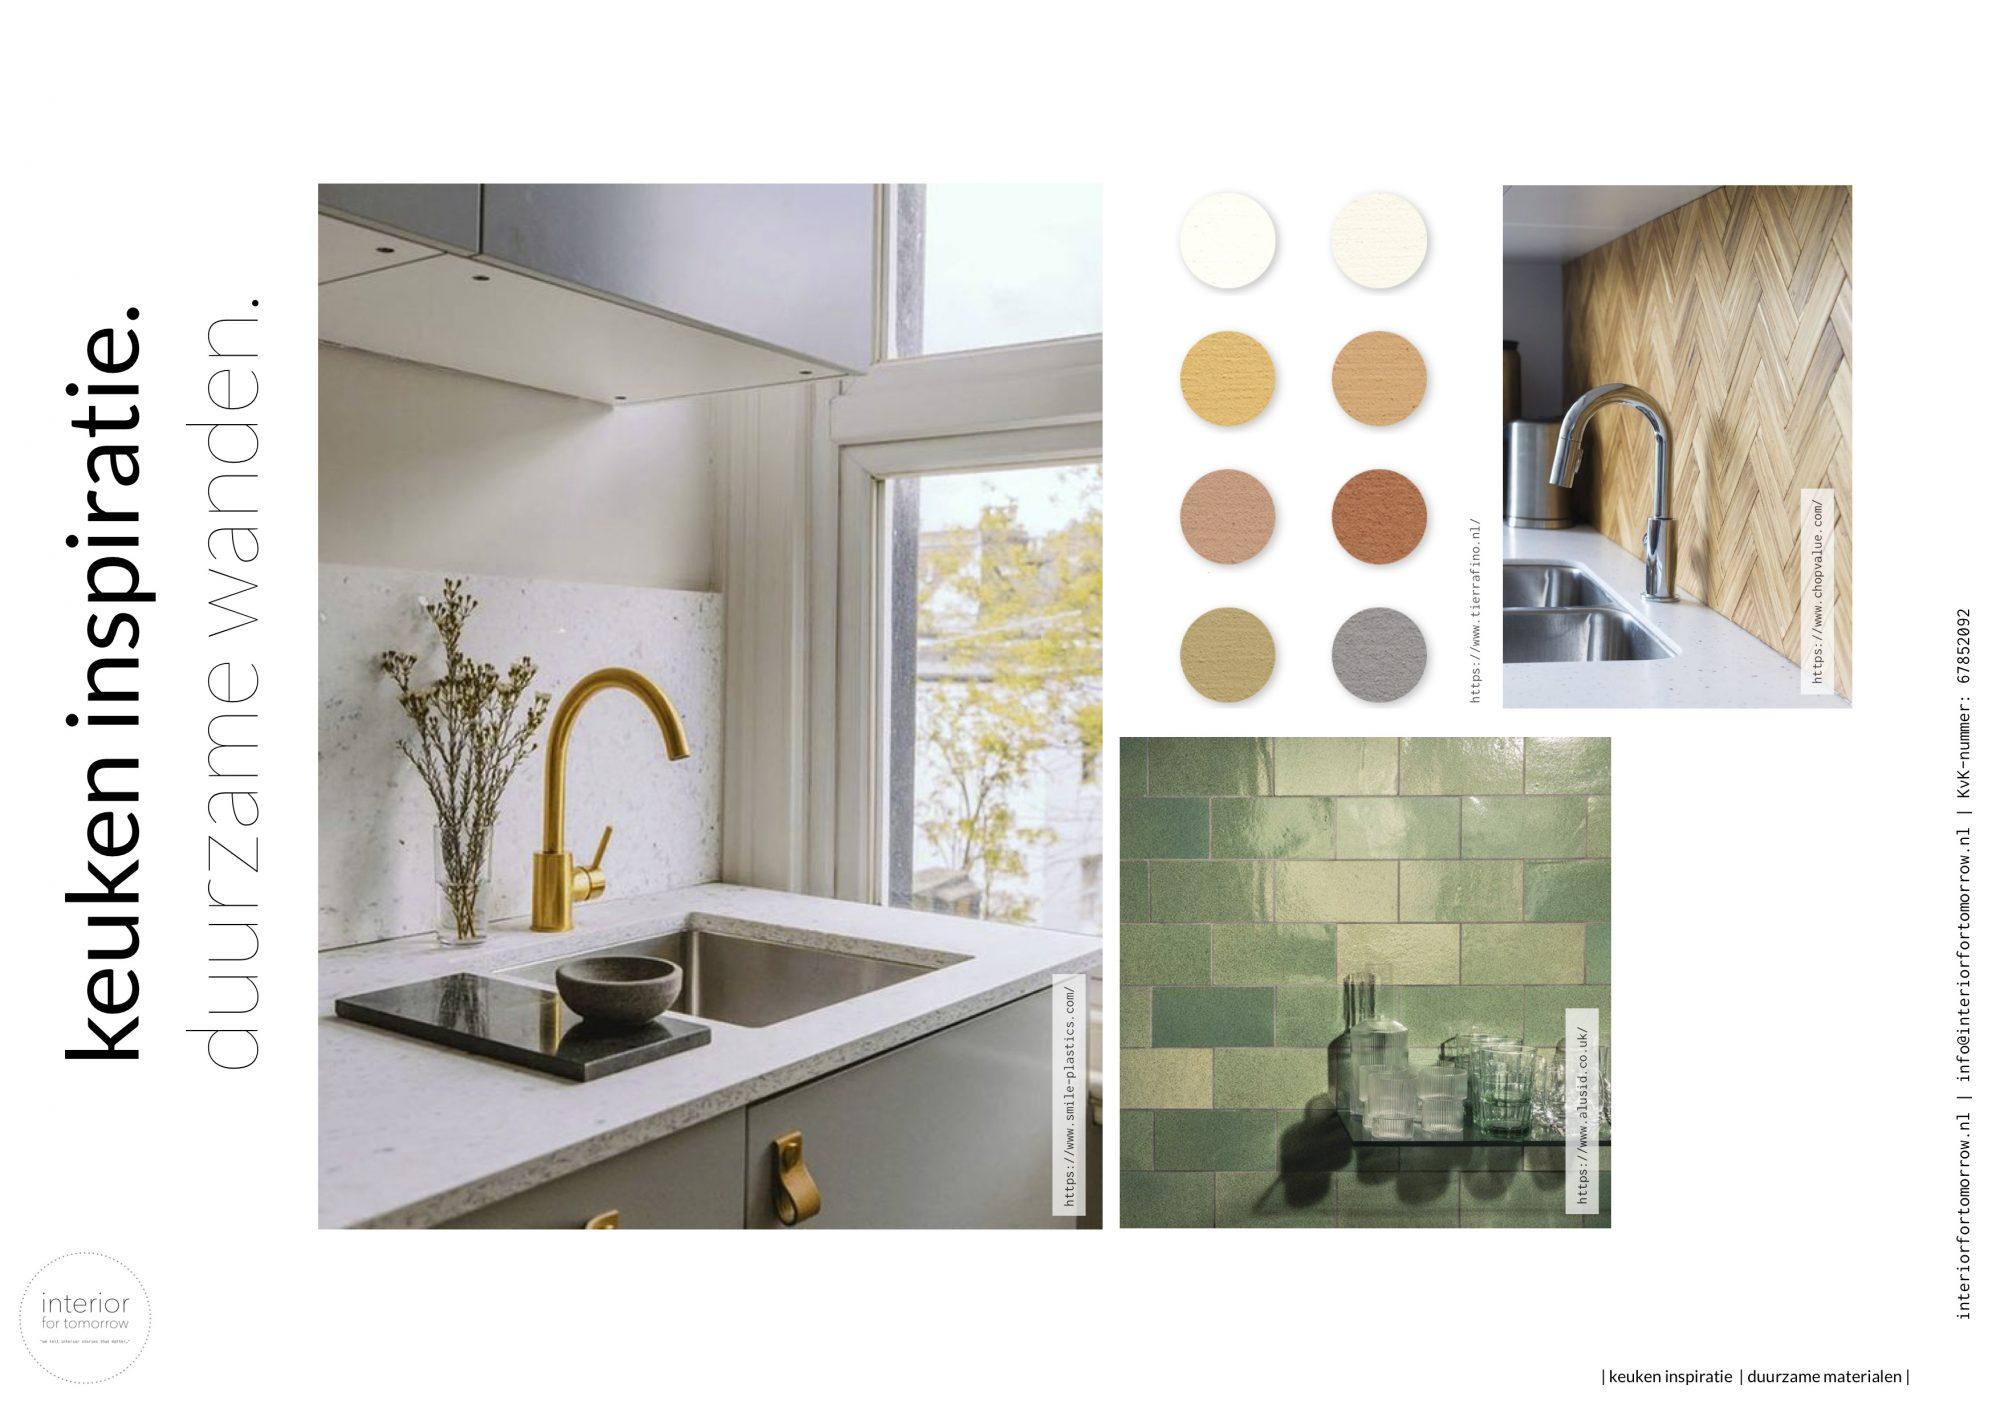 moodboards duurzame materialen keuken_wanden_high